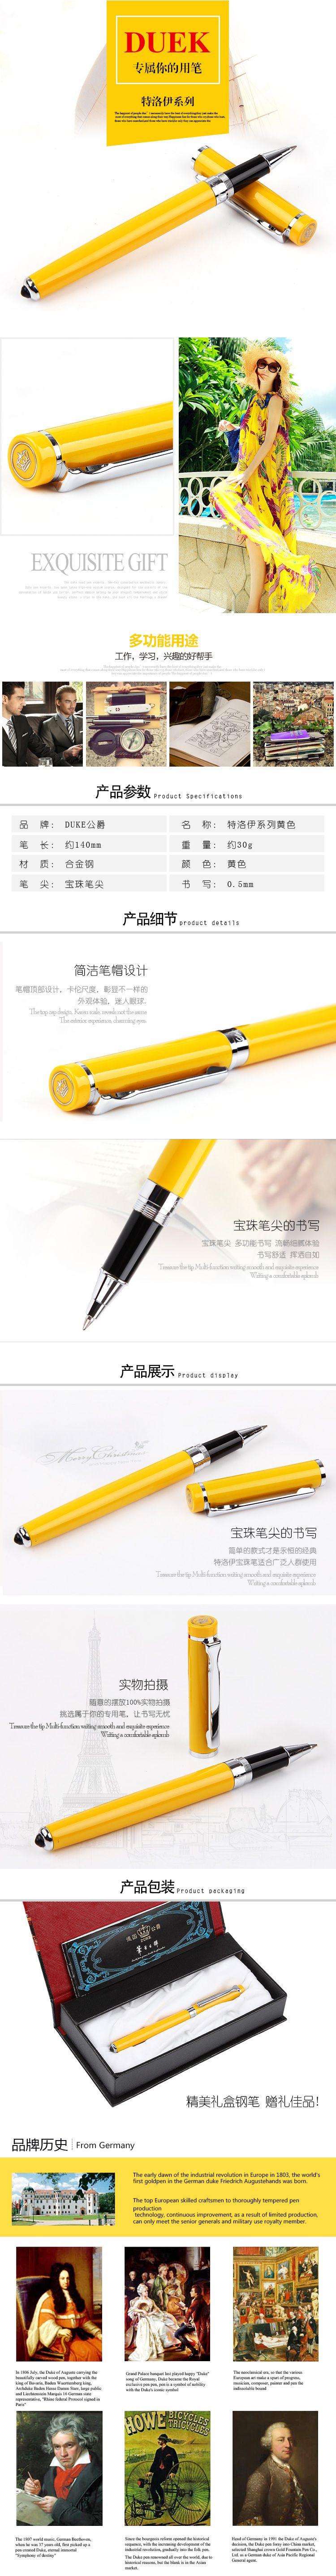 特洛伊系列黄色宝珠笔图片